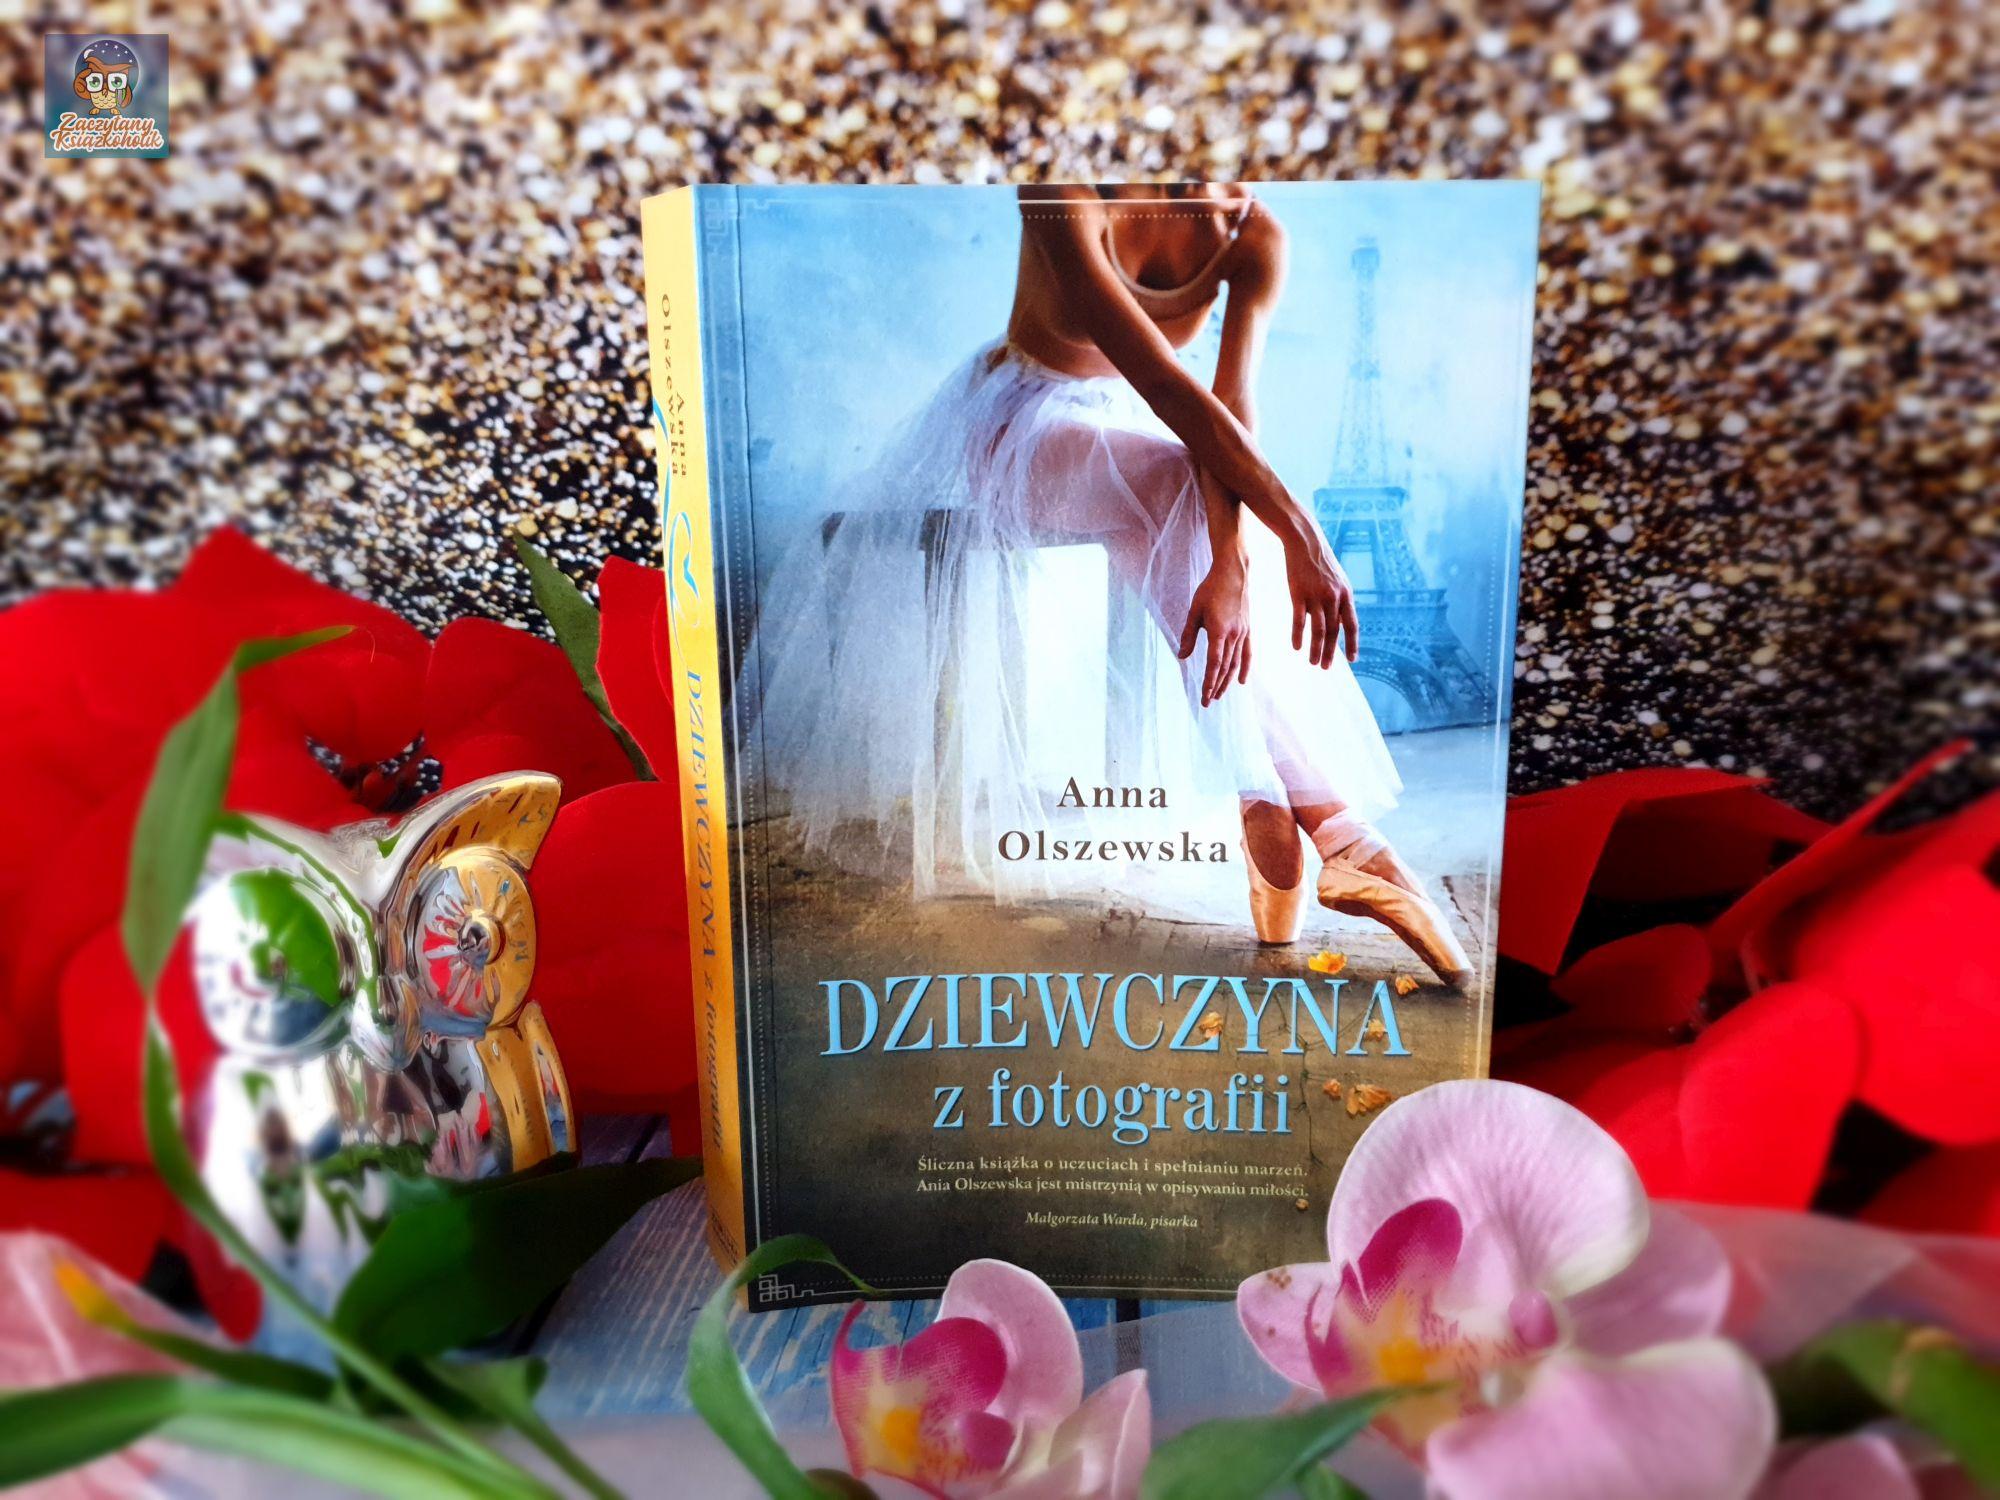 Dziewczyna z fotografii, Anna Olszewska, zaczytanyksiazkoholik.pl